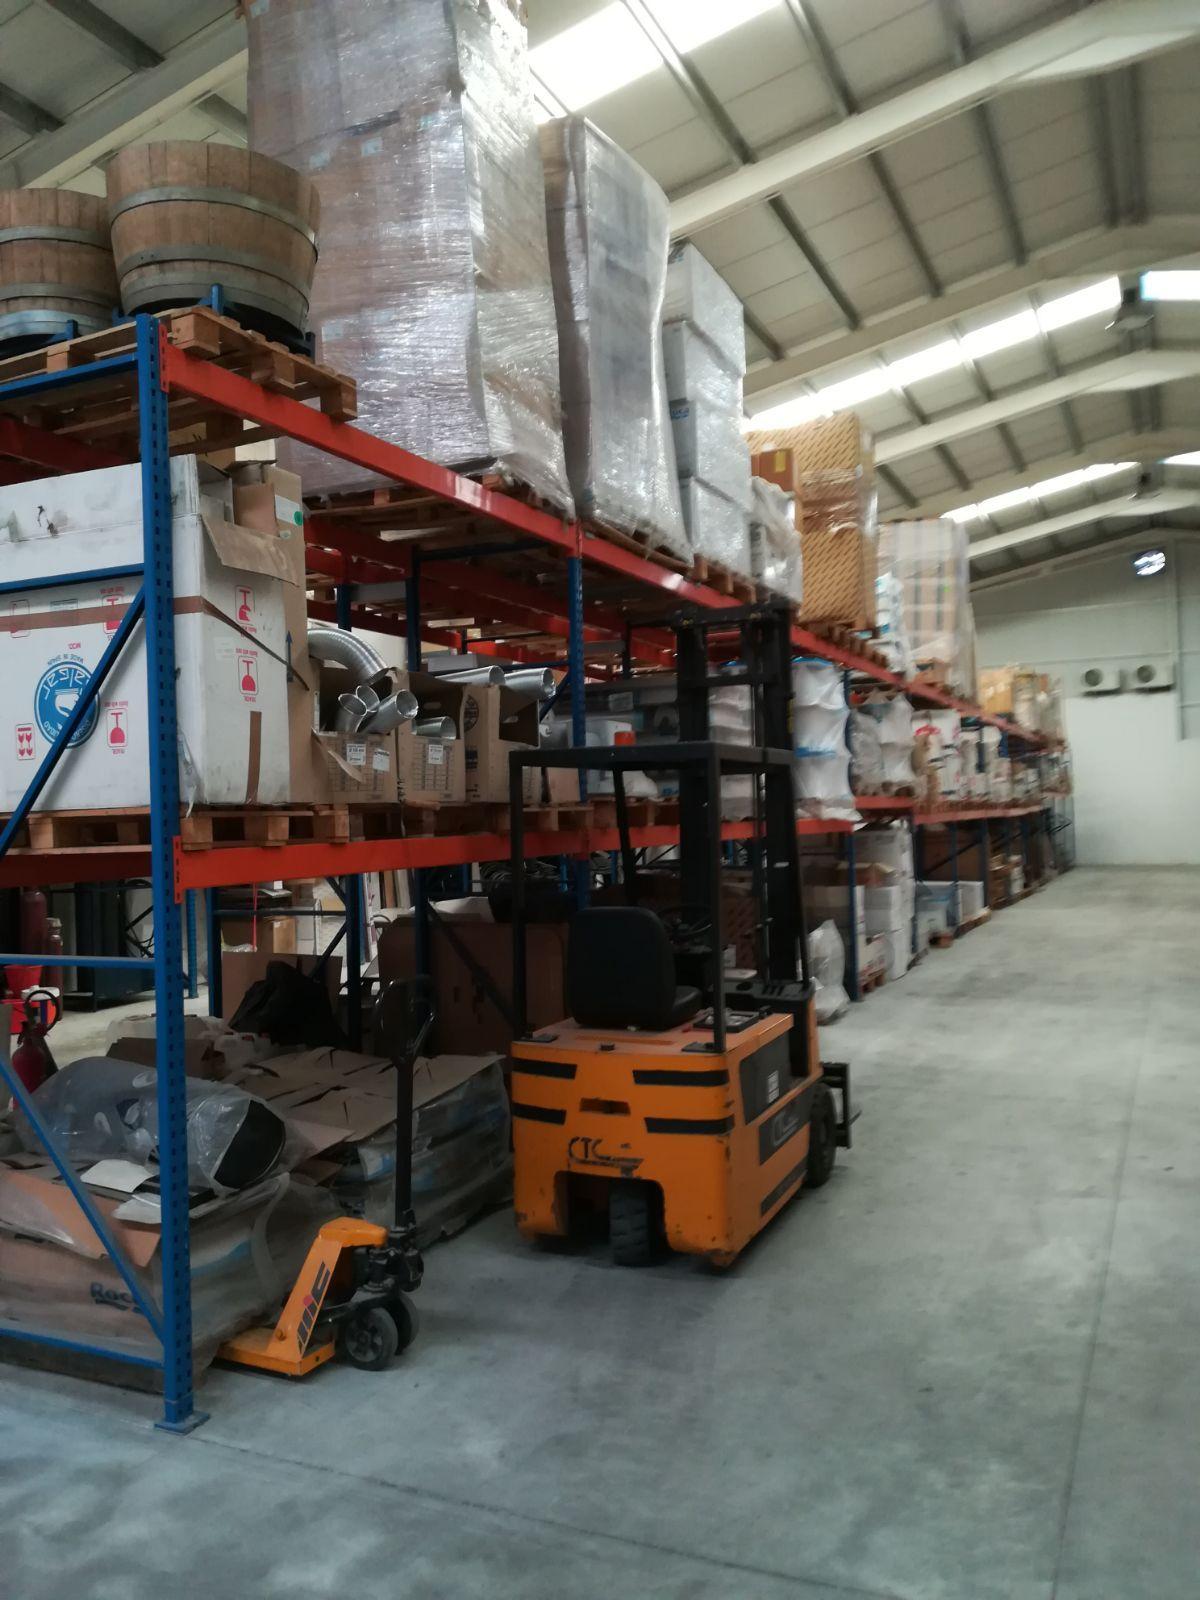 Alquiler de maquinaria para la construcción: Servicios de Saneamientos Cuéllar SRL